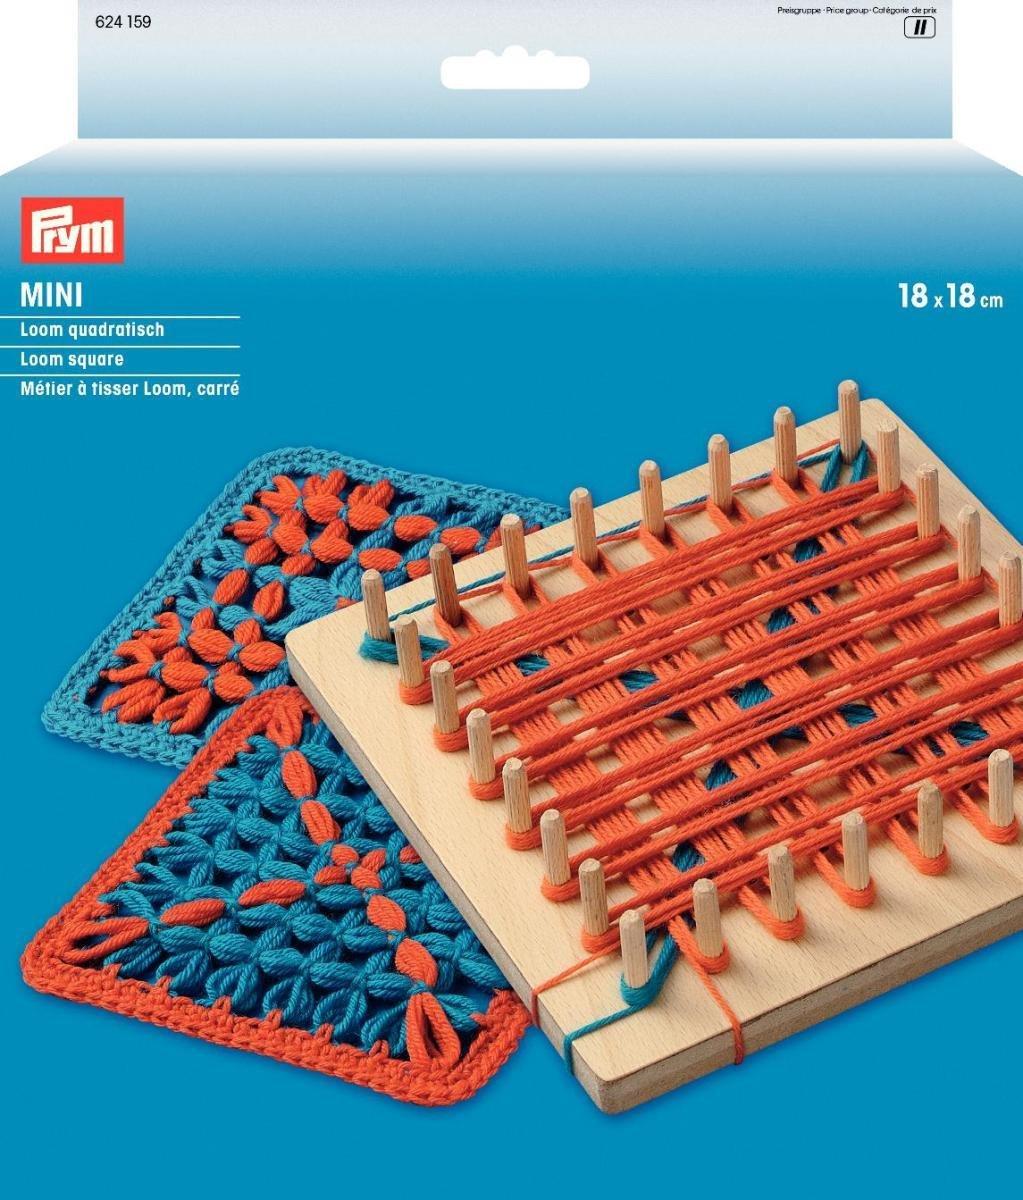 PRYM Mini Square Knitting Loom 18 x 18cm, Wood, Multi-Colour, 21 x 18 x 3.2 cm